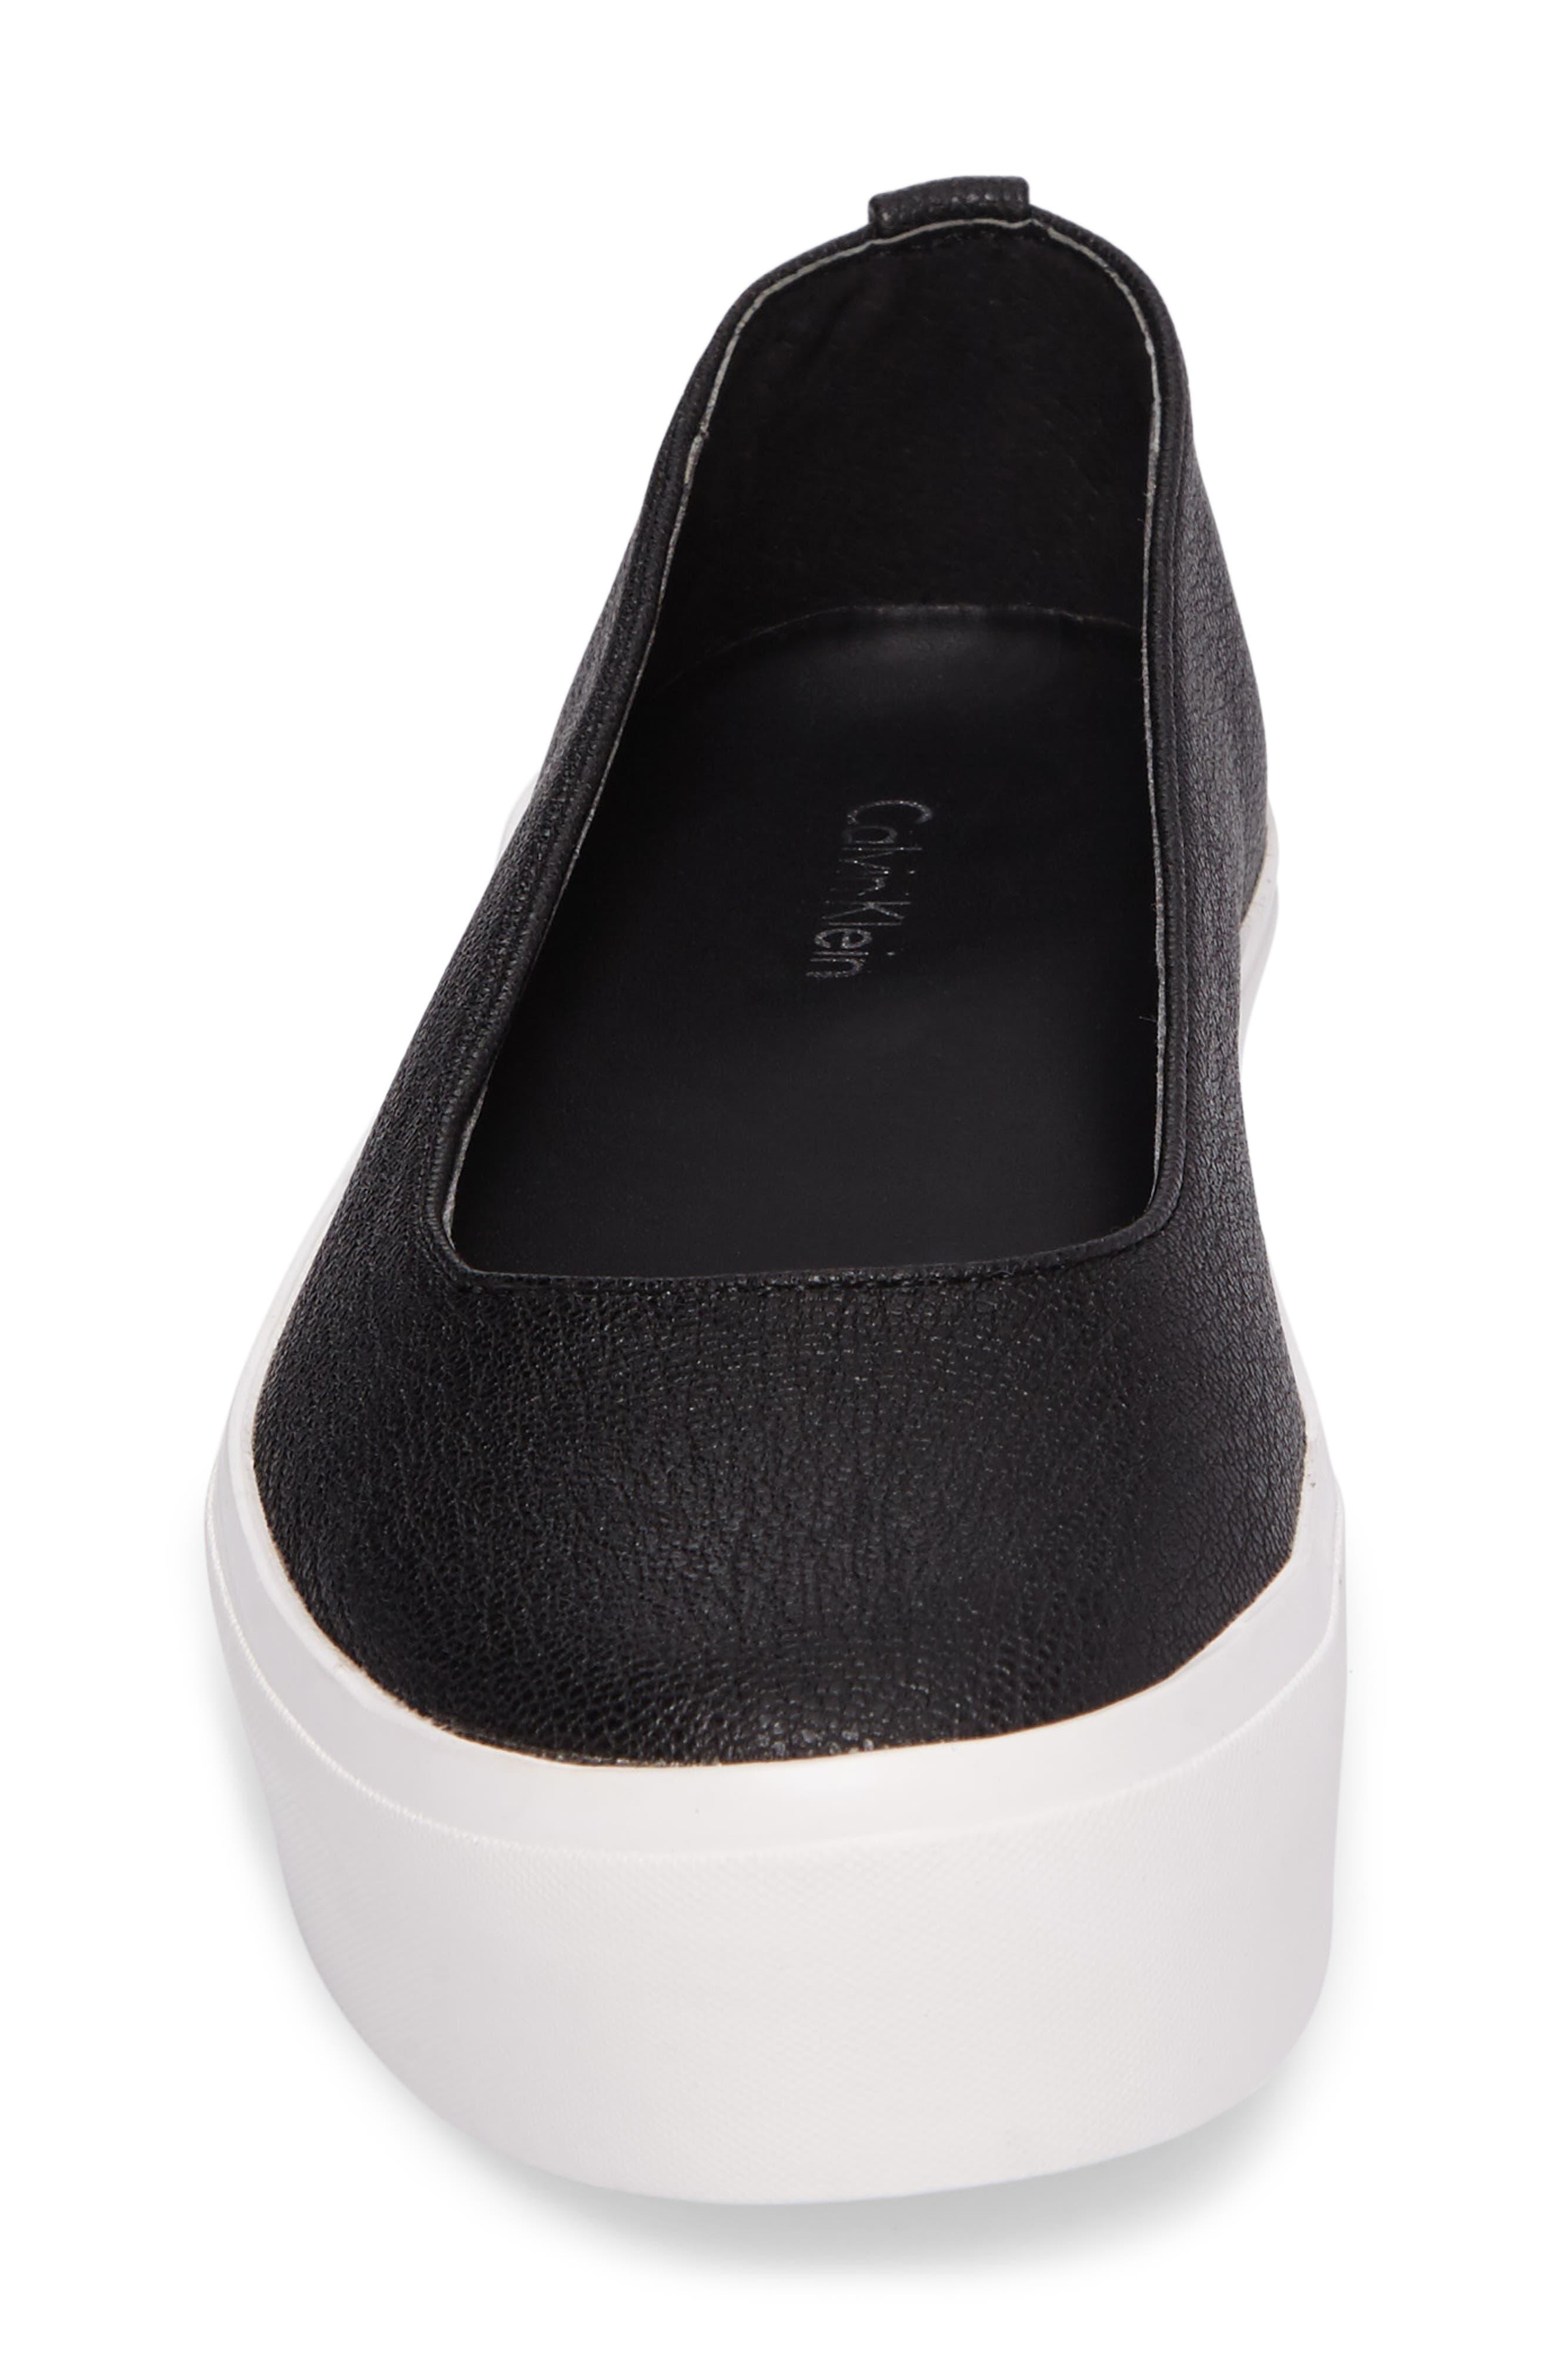 Alternate Image 4  - Calvin Klein Janie Platform Flat (Women)